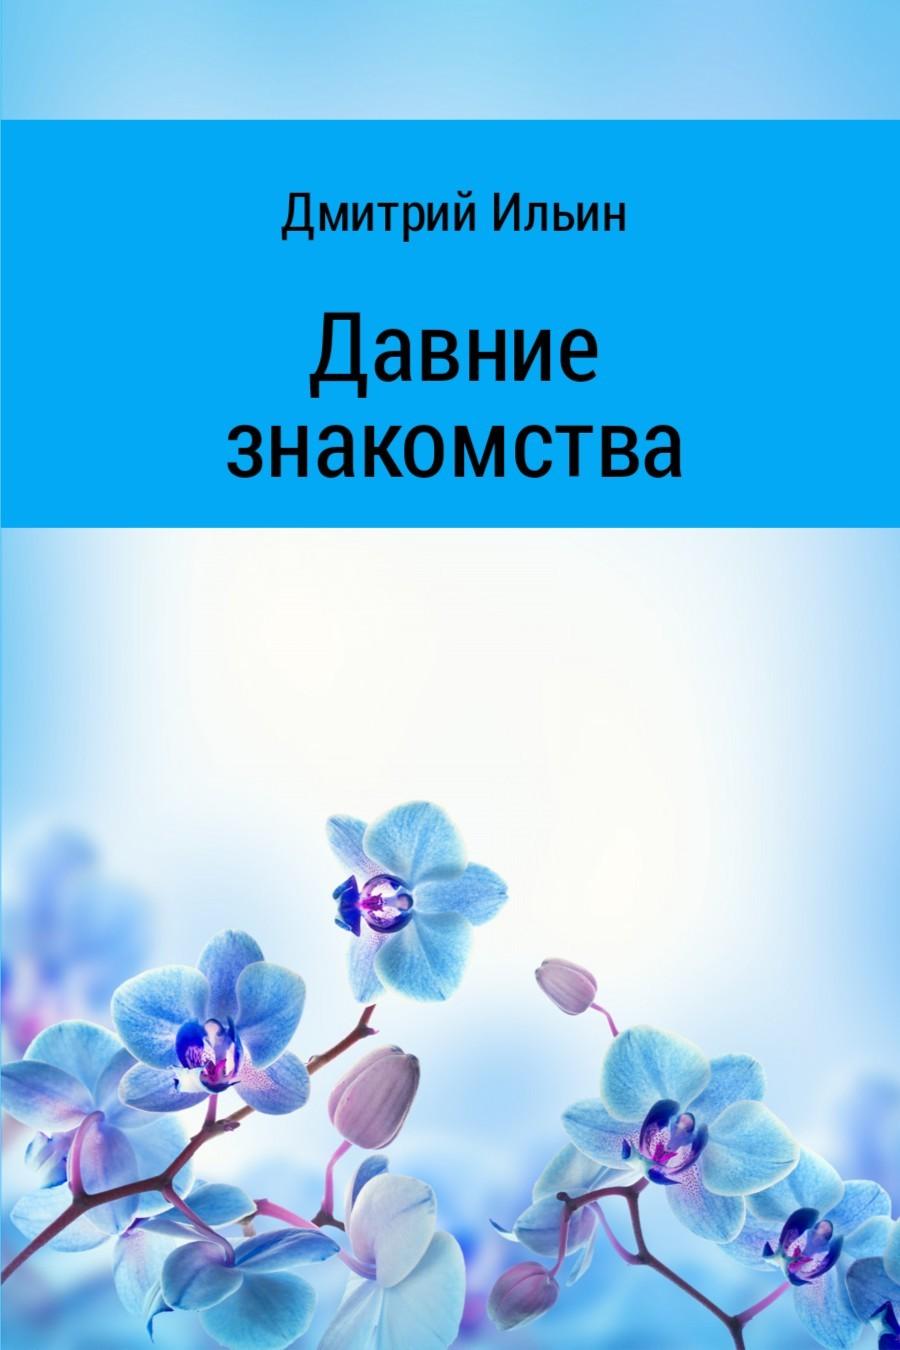 Дмитрий Ильин Давние знакомства зебра обувь подростковую любовь